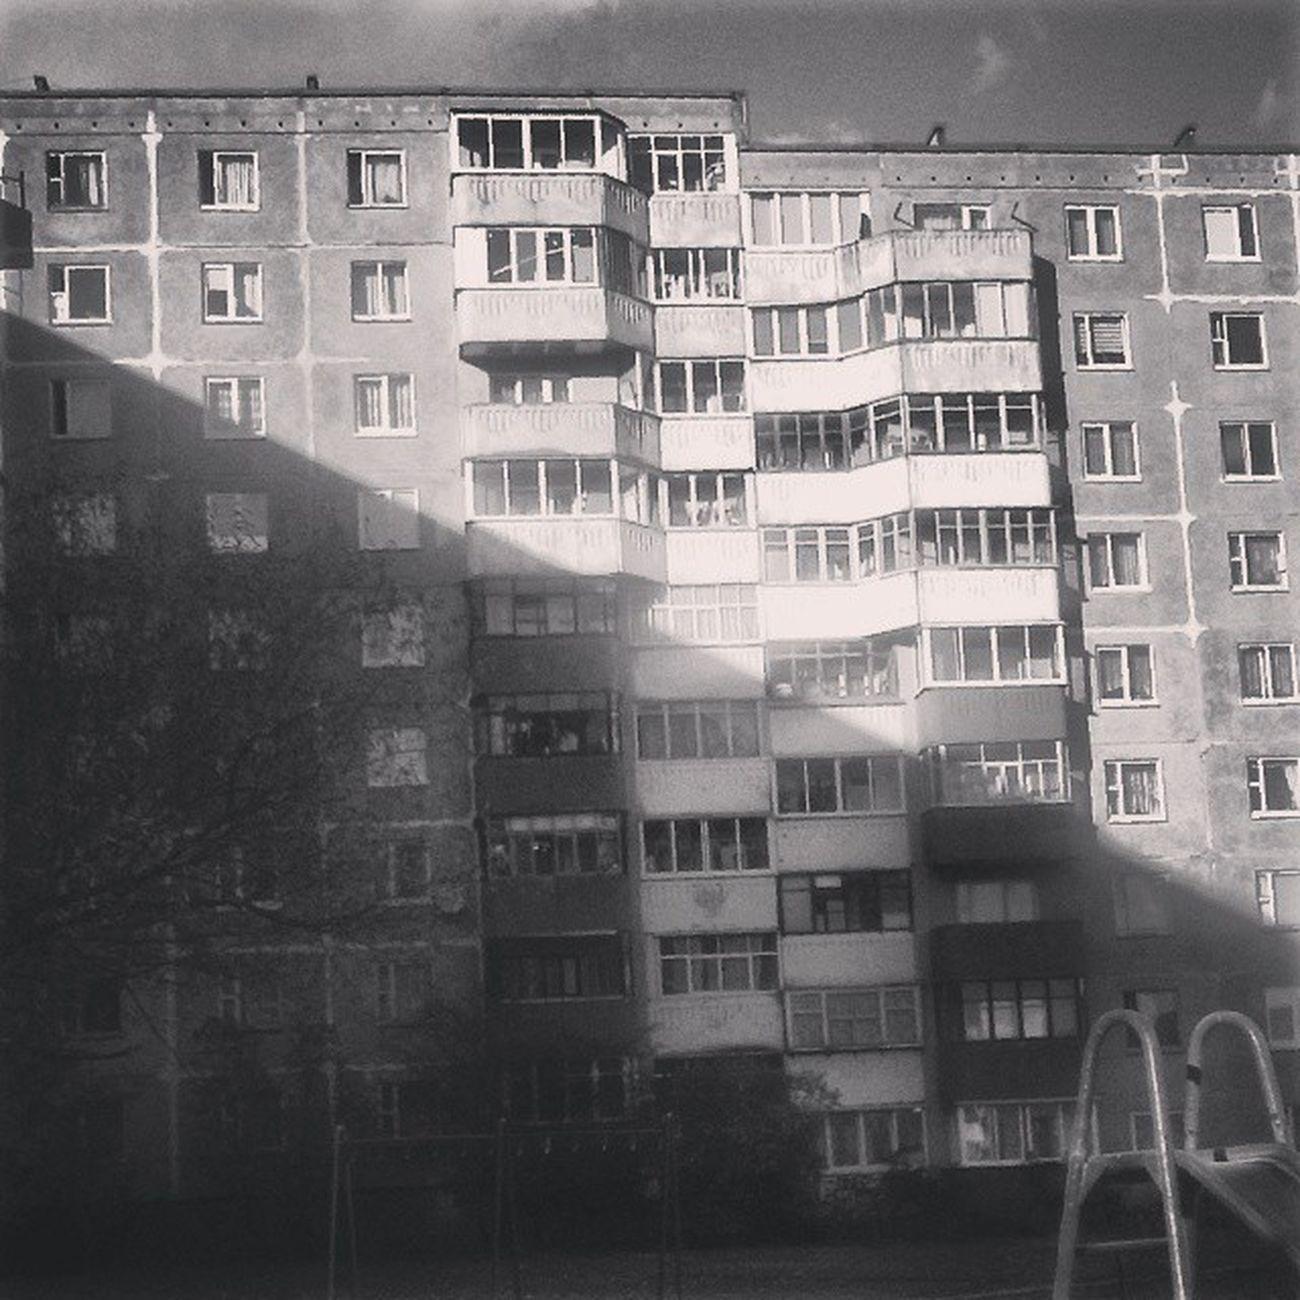 Crazysun Cityminsk Bw Monochrome light diagonal rithm myown